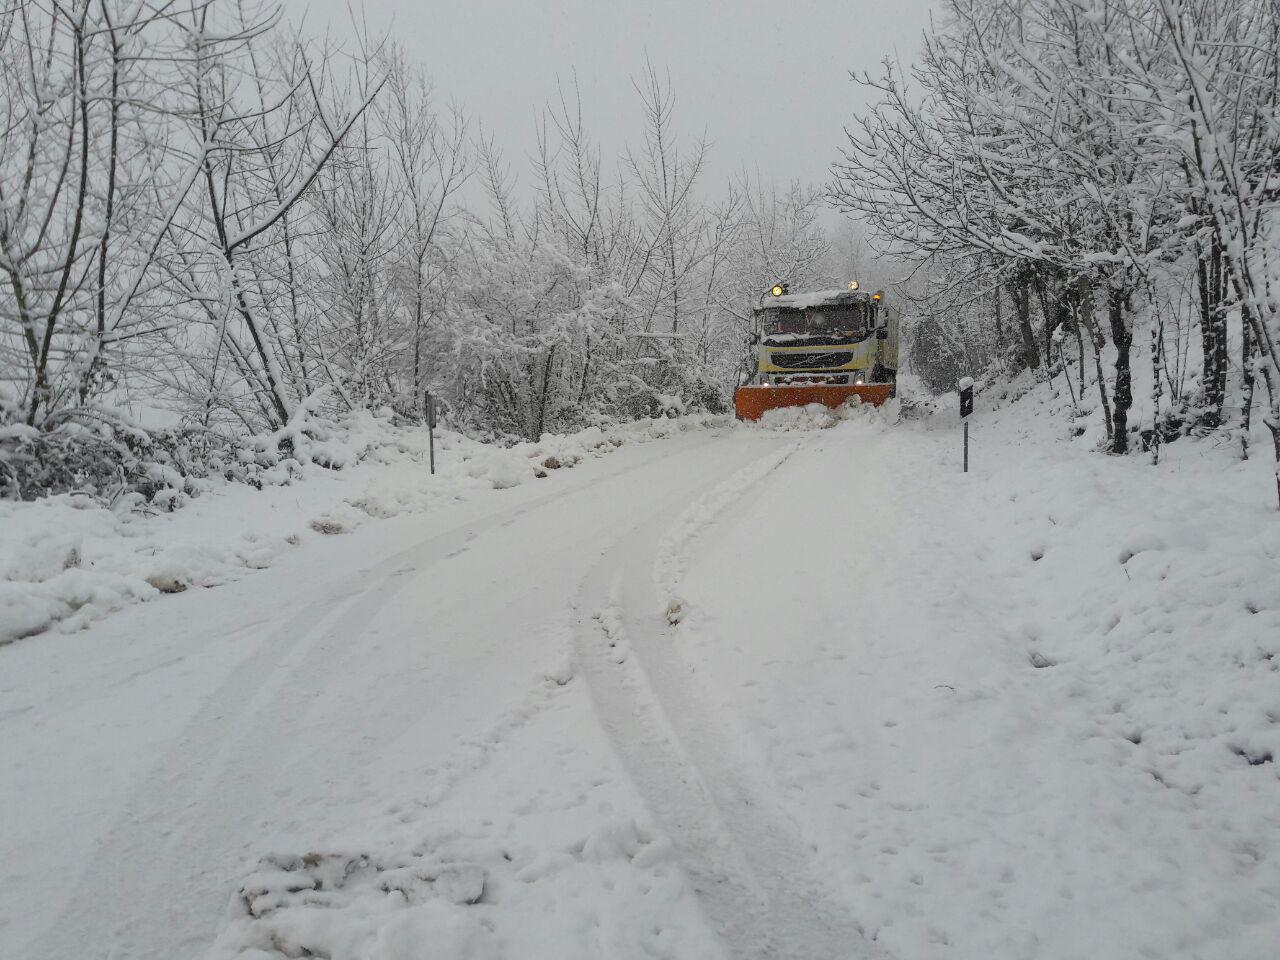 برفروبی ۲هزار کیلومتر از محورهای کوهستانی گیلان/بارش ۳۰ تا ۵۰ سانتی متری برف در جاده های کوهستانی